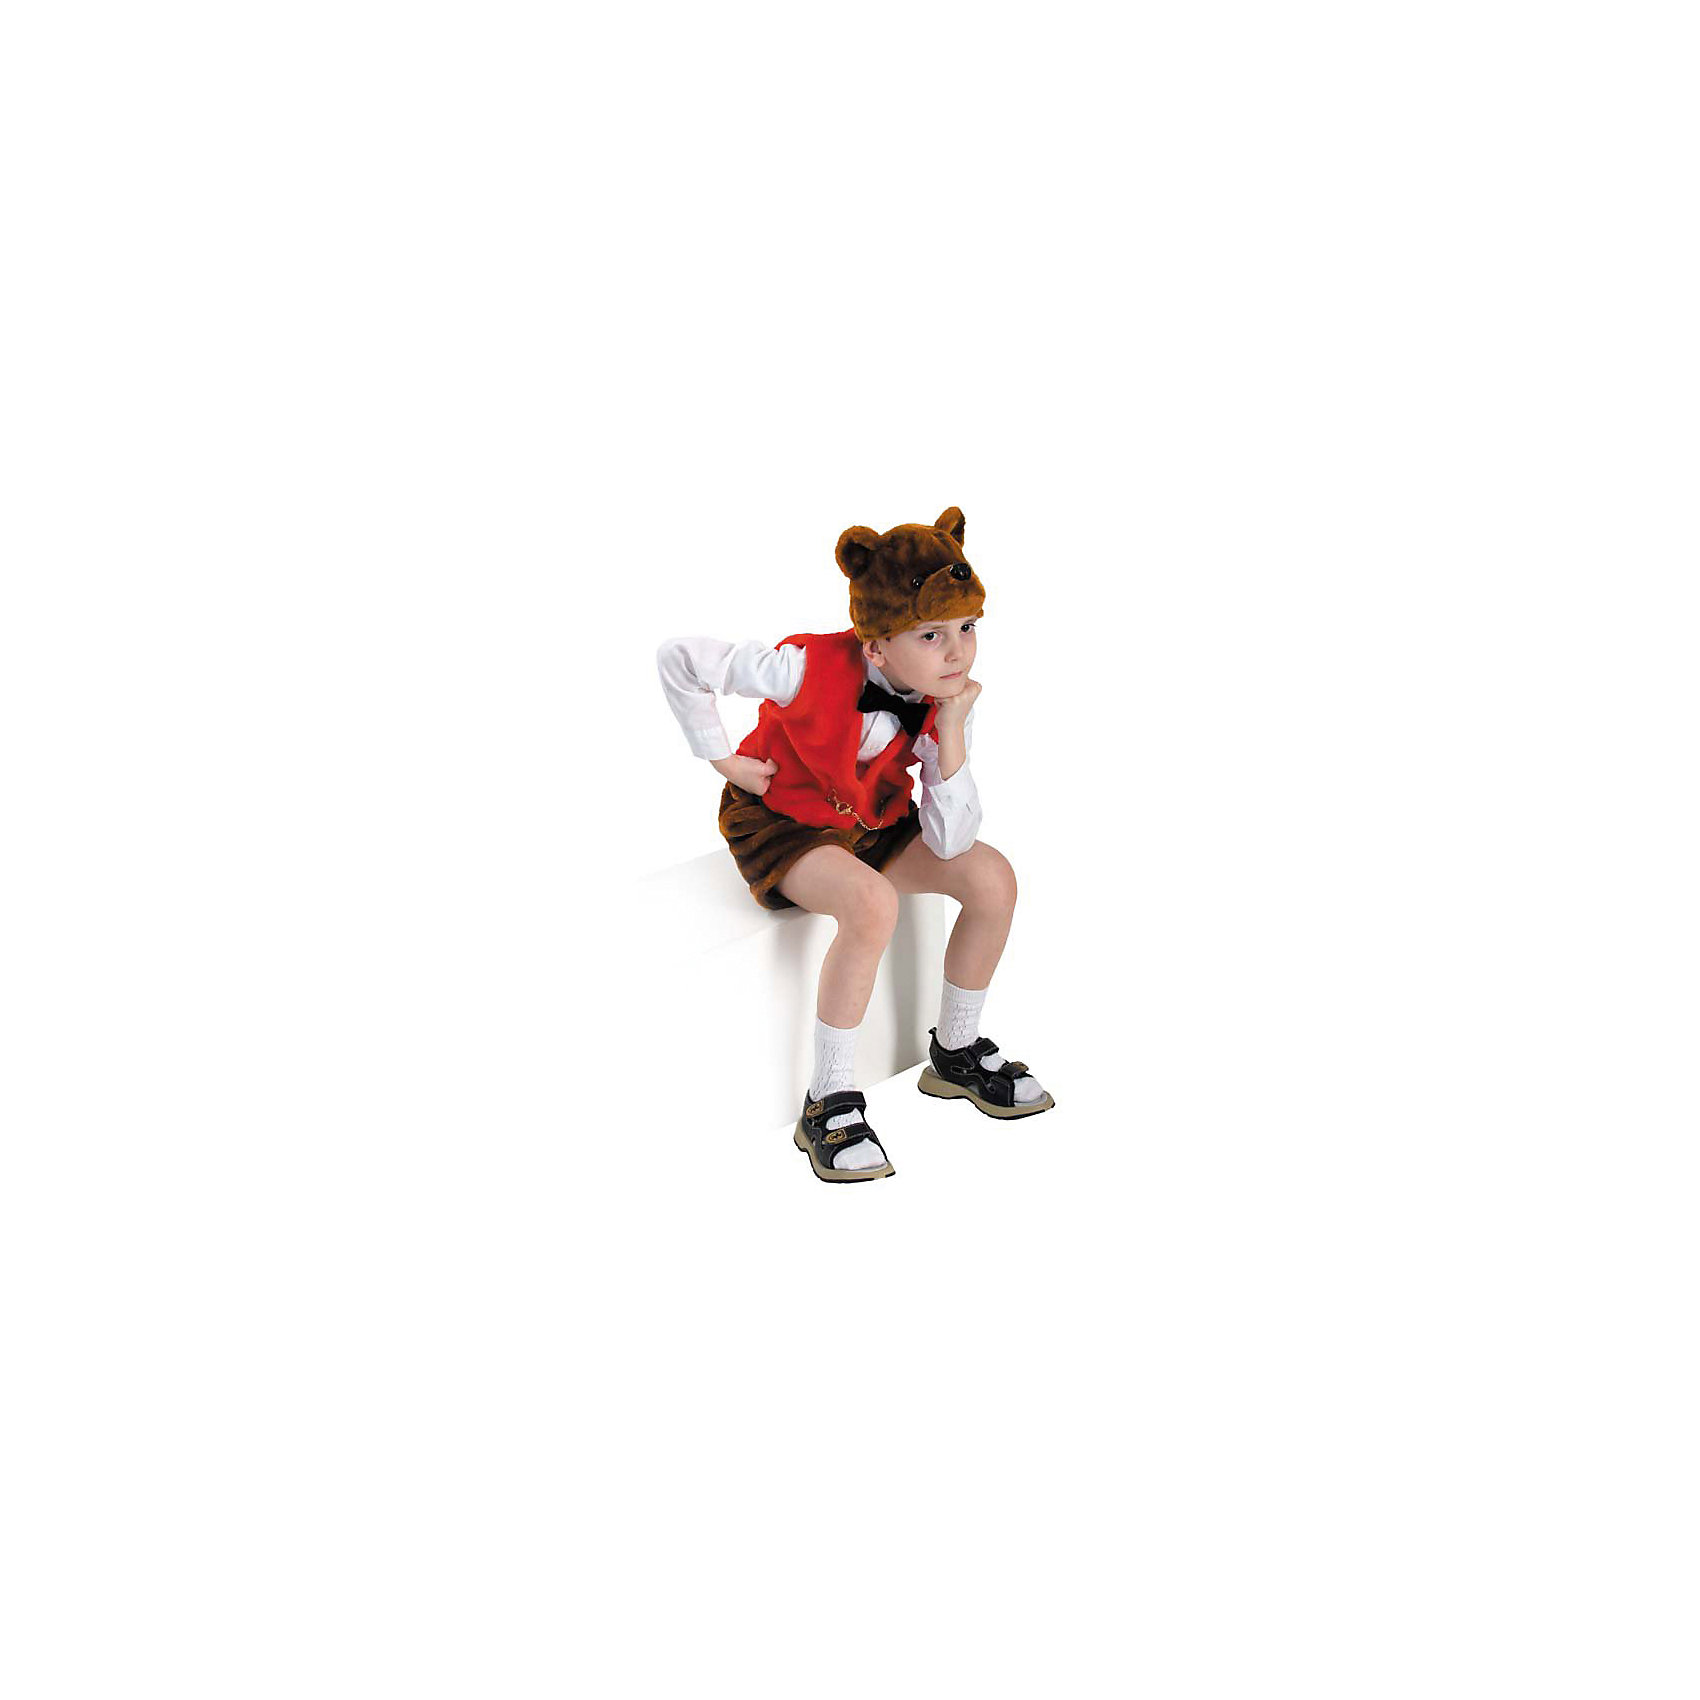 Карнавальный костюм Медведь Михей, БатикКарнавальный костюм Медведь Михей, Батик<br><br>Характеристики:<br><br>• Материал:  искусственный мех. <br>• Цвет: коричневый, красный.<br>• В комплект входит: шапочка, шорты, жилет.<br><br>Карнавальный костюм «Медведь Михей» придуман для мальчиков, которые хотят повеселиться сами и позабавить окружающих. Потешность костюмчику придают оригинальные шортики, жилетка и шапочка в виде головы косолапого. Шорты и голова по цвету дублируют природный окрас мишки, а жилет, в знак того, что это всё-таки карнавальный костюмчик, красного цвета. Все элементы карнавального костюма «Медведь Михей» выполнены из качественного искусственного меха. У вас есть выбор, в какой комбинации надеть такой костюм ребёнку: с торжественной белой рубашечкой и гольфиками, или же надеть элементы костюма, например, на трикотажный комплект. В таком карнавальном костюме «Медведь Михей» ваш мальчик получит максимальное удовольствие от праздника и подарит радость окружающим!<br><br>Карнавальный костюм Медведь Михей, Батик, можно купить в нашем интернет- магазине.<br><br>Ширина мм: 500<br>Глубина мм: 50<br>Высота мм: 700<br>Вес г: 600<br>Цвет: разноцветный<br>Возраст от месяцев: 48<br>Возраст до месяцев: 60<br>Пол: Мужской<br>Возраст: Детский<br>Размер: 28<br>SKU: 5092513